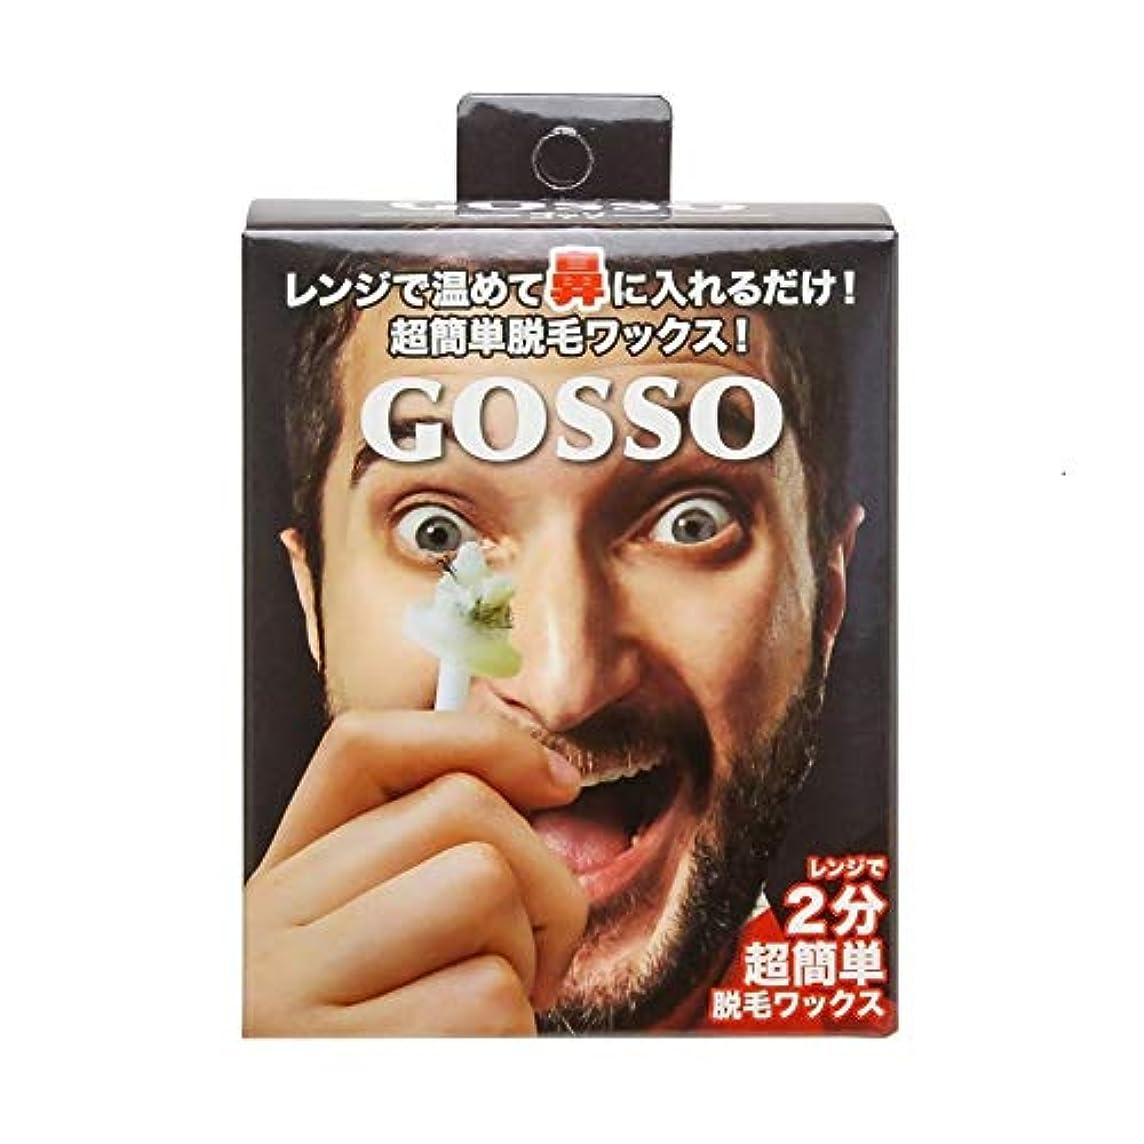 コーンウォールシュリンク召集するGOSSO ゴッソ (ブラジリアンワックス鼻毛脱毛セット)